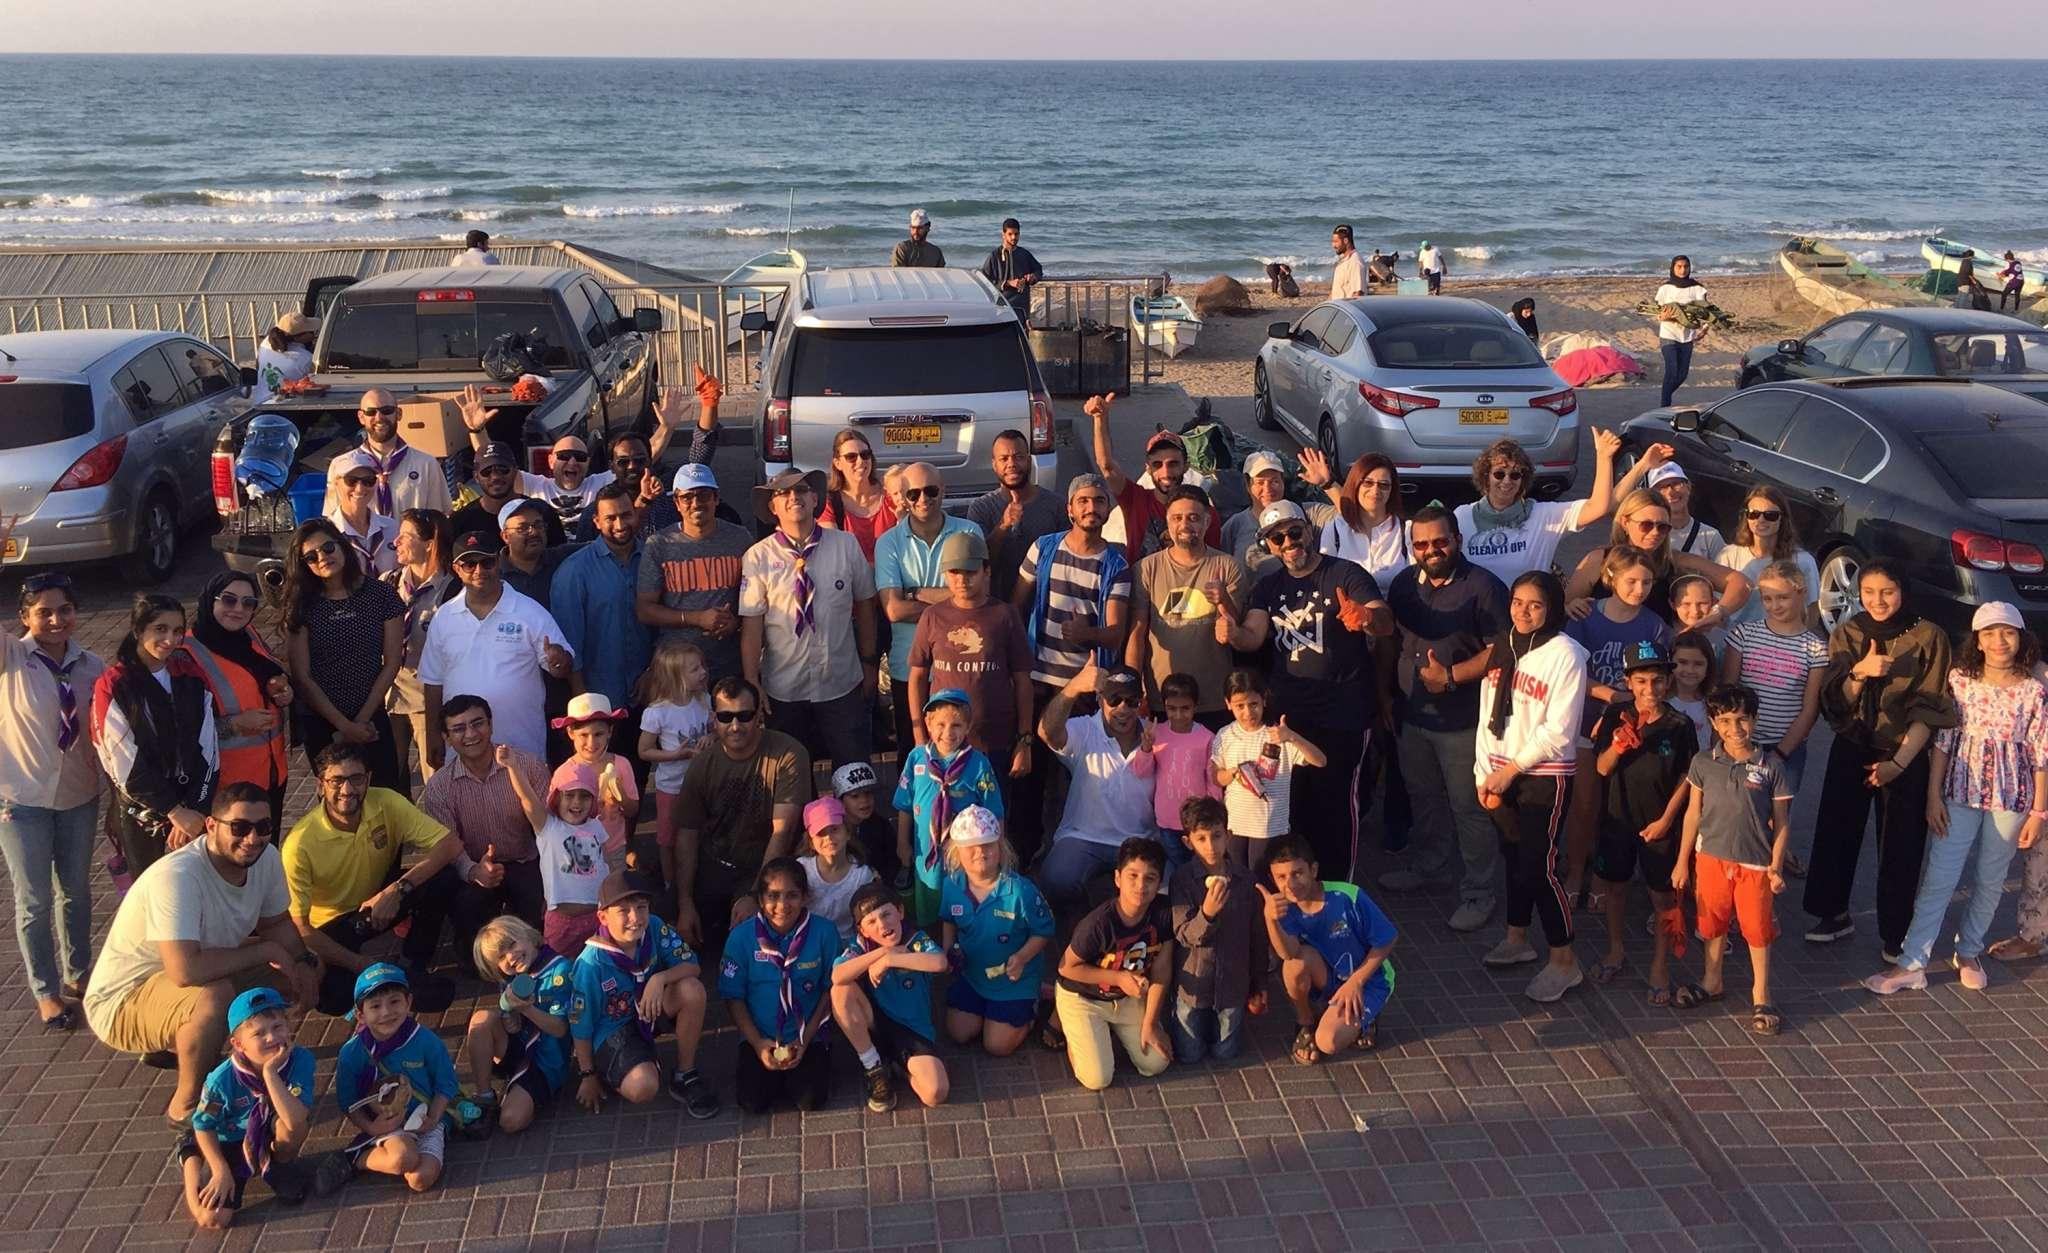 OAB Organises Clean-up Of Al Ghubrah Beach In